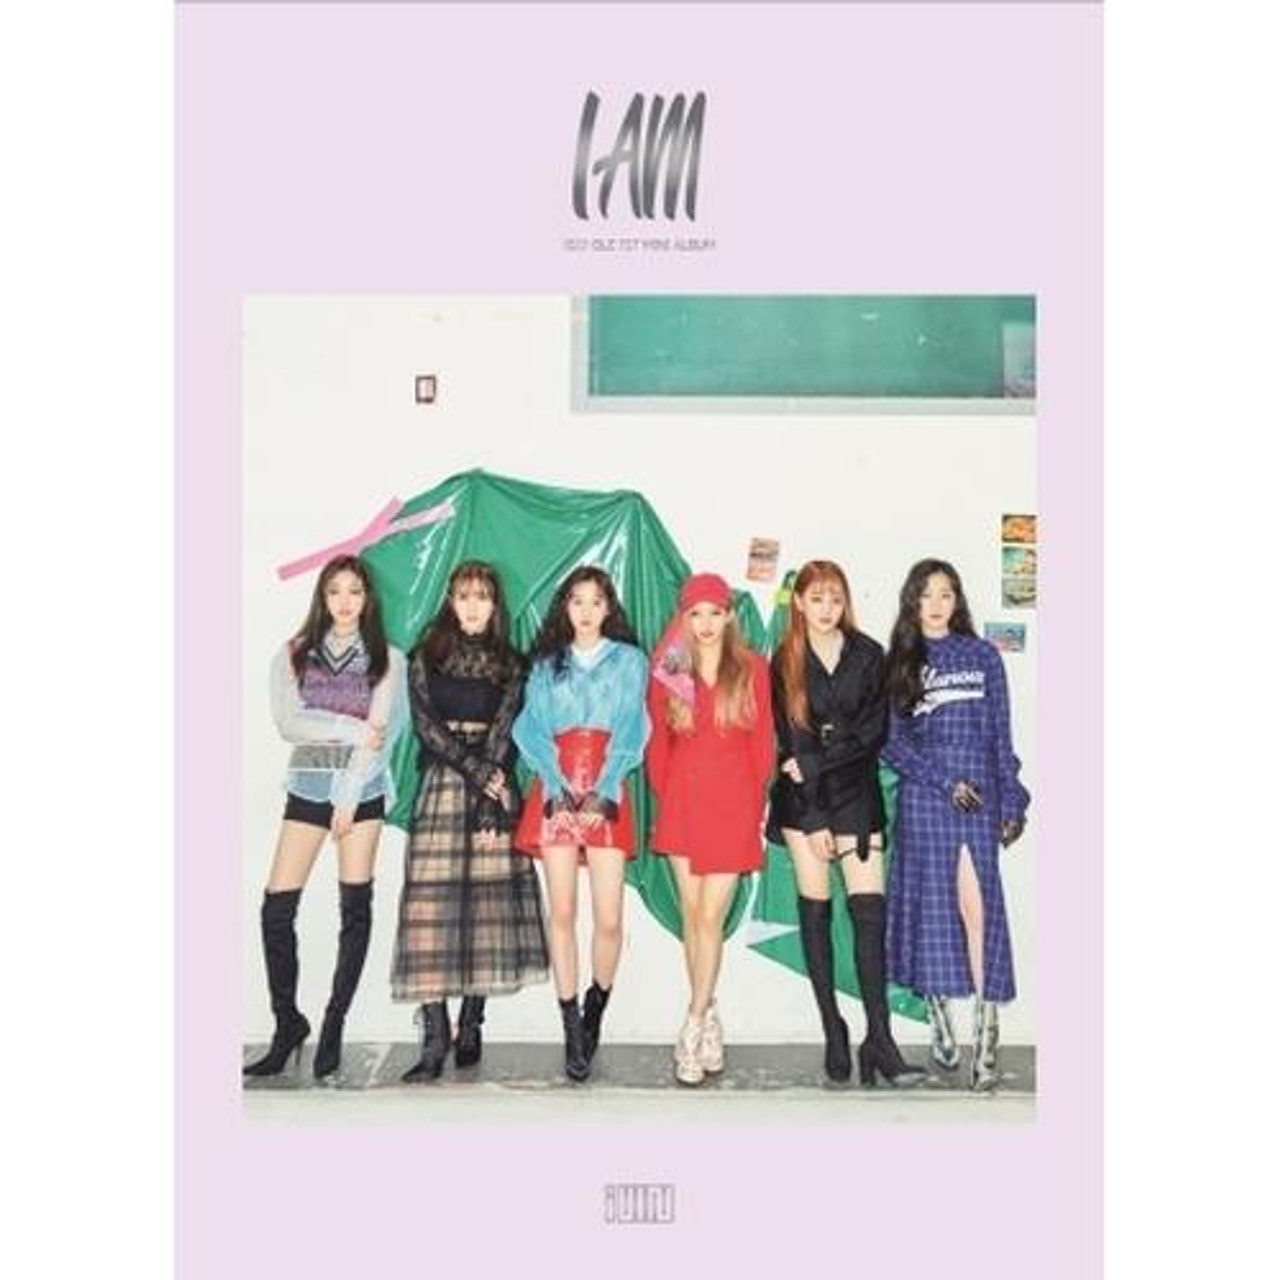 (G)I-DLE - 1st Mini [I am]